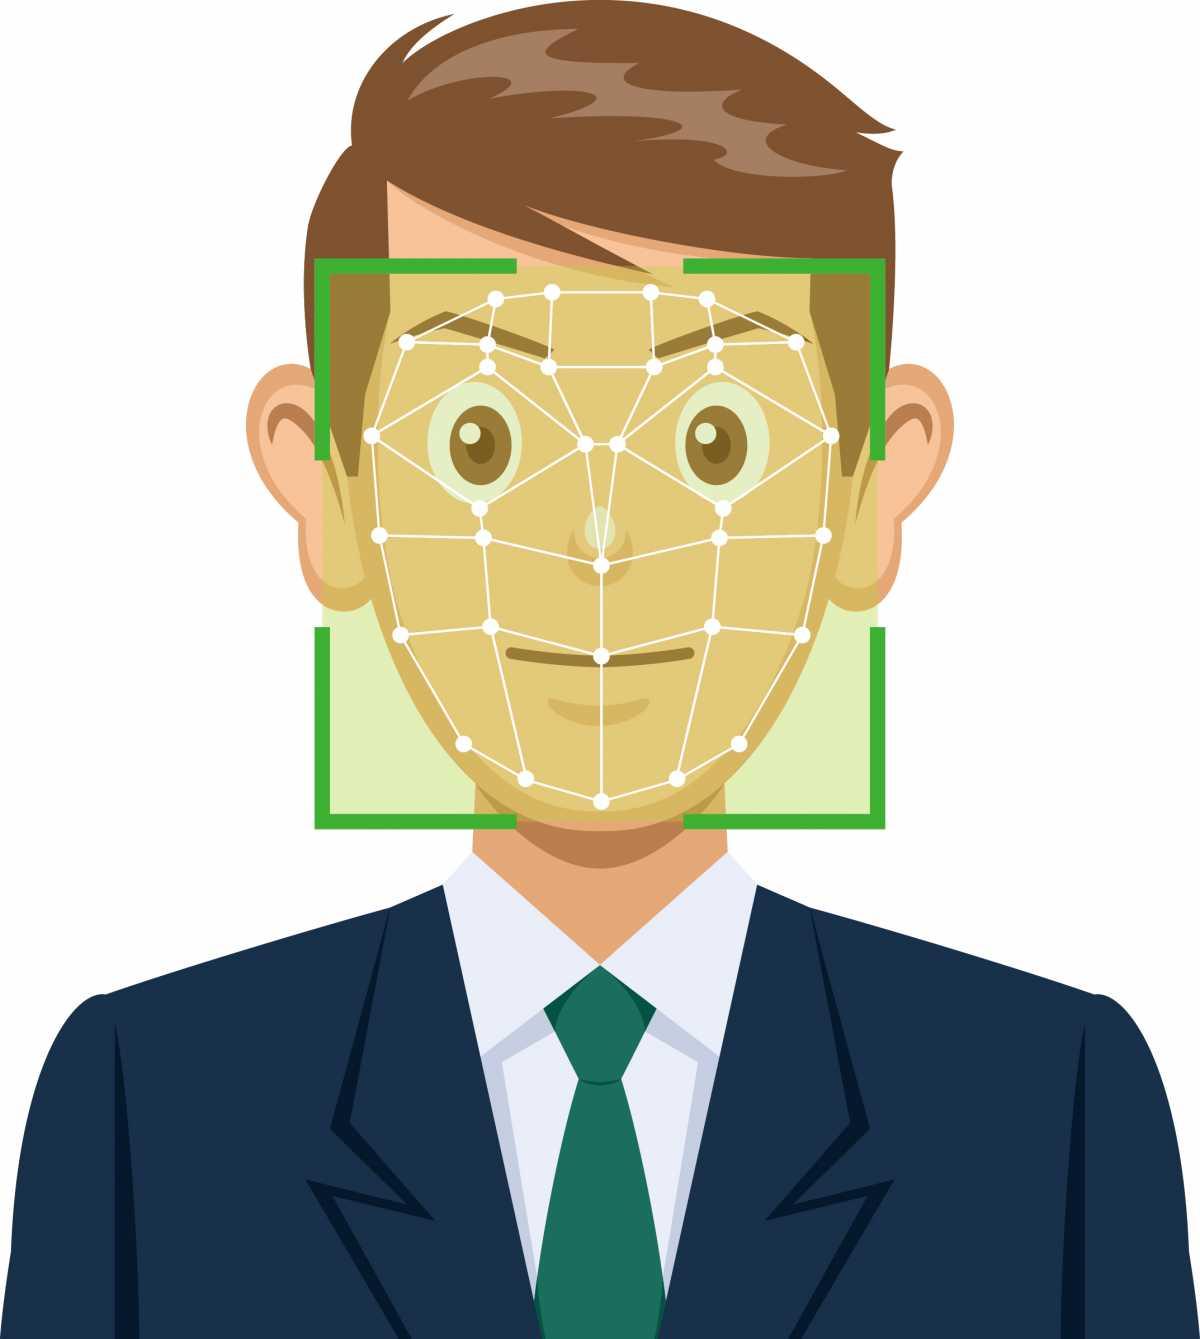 顔認証による従業員管理